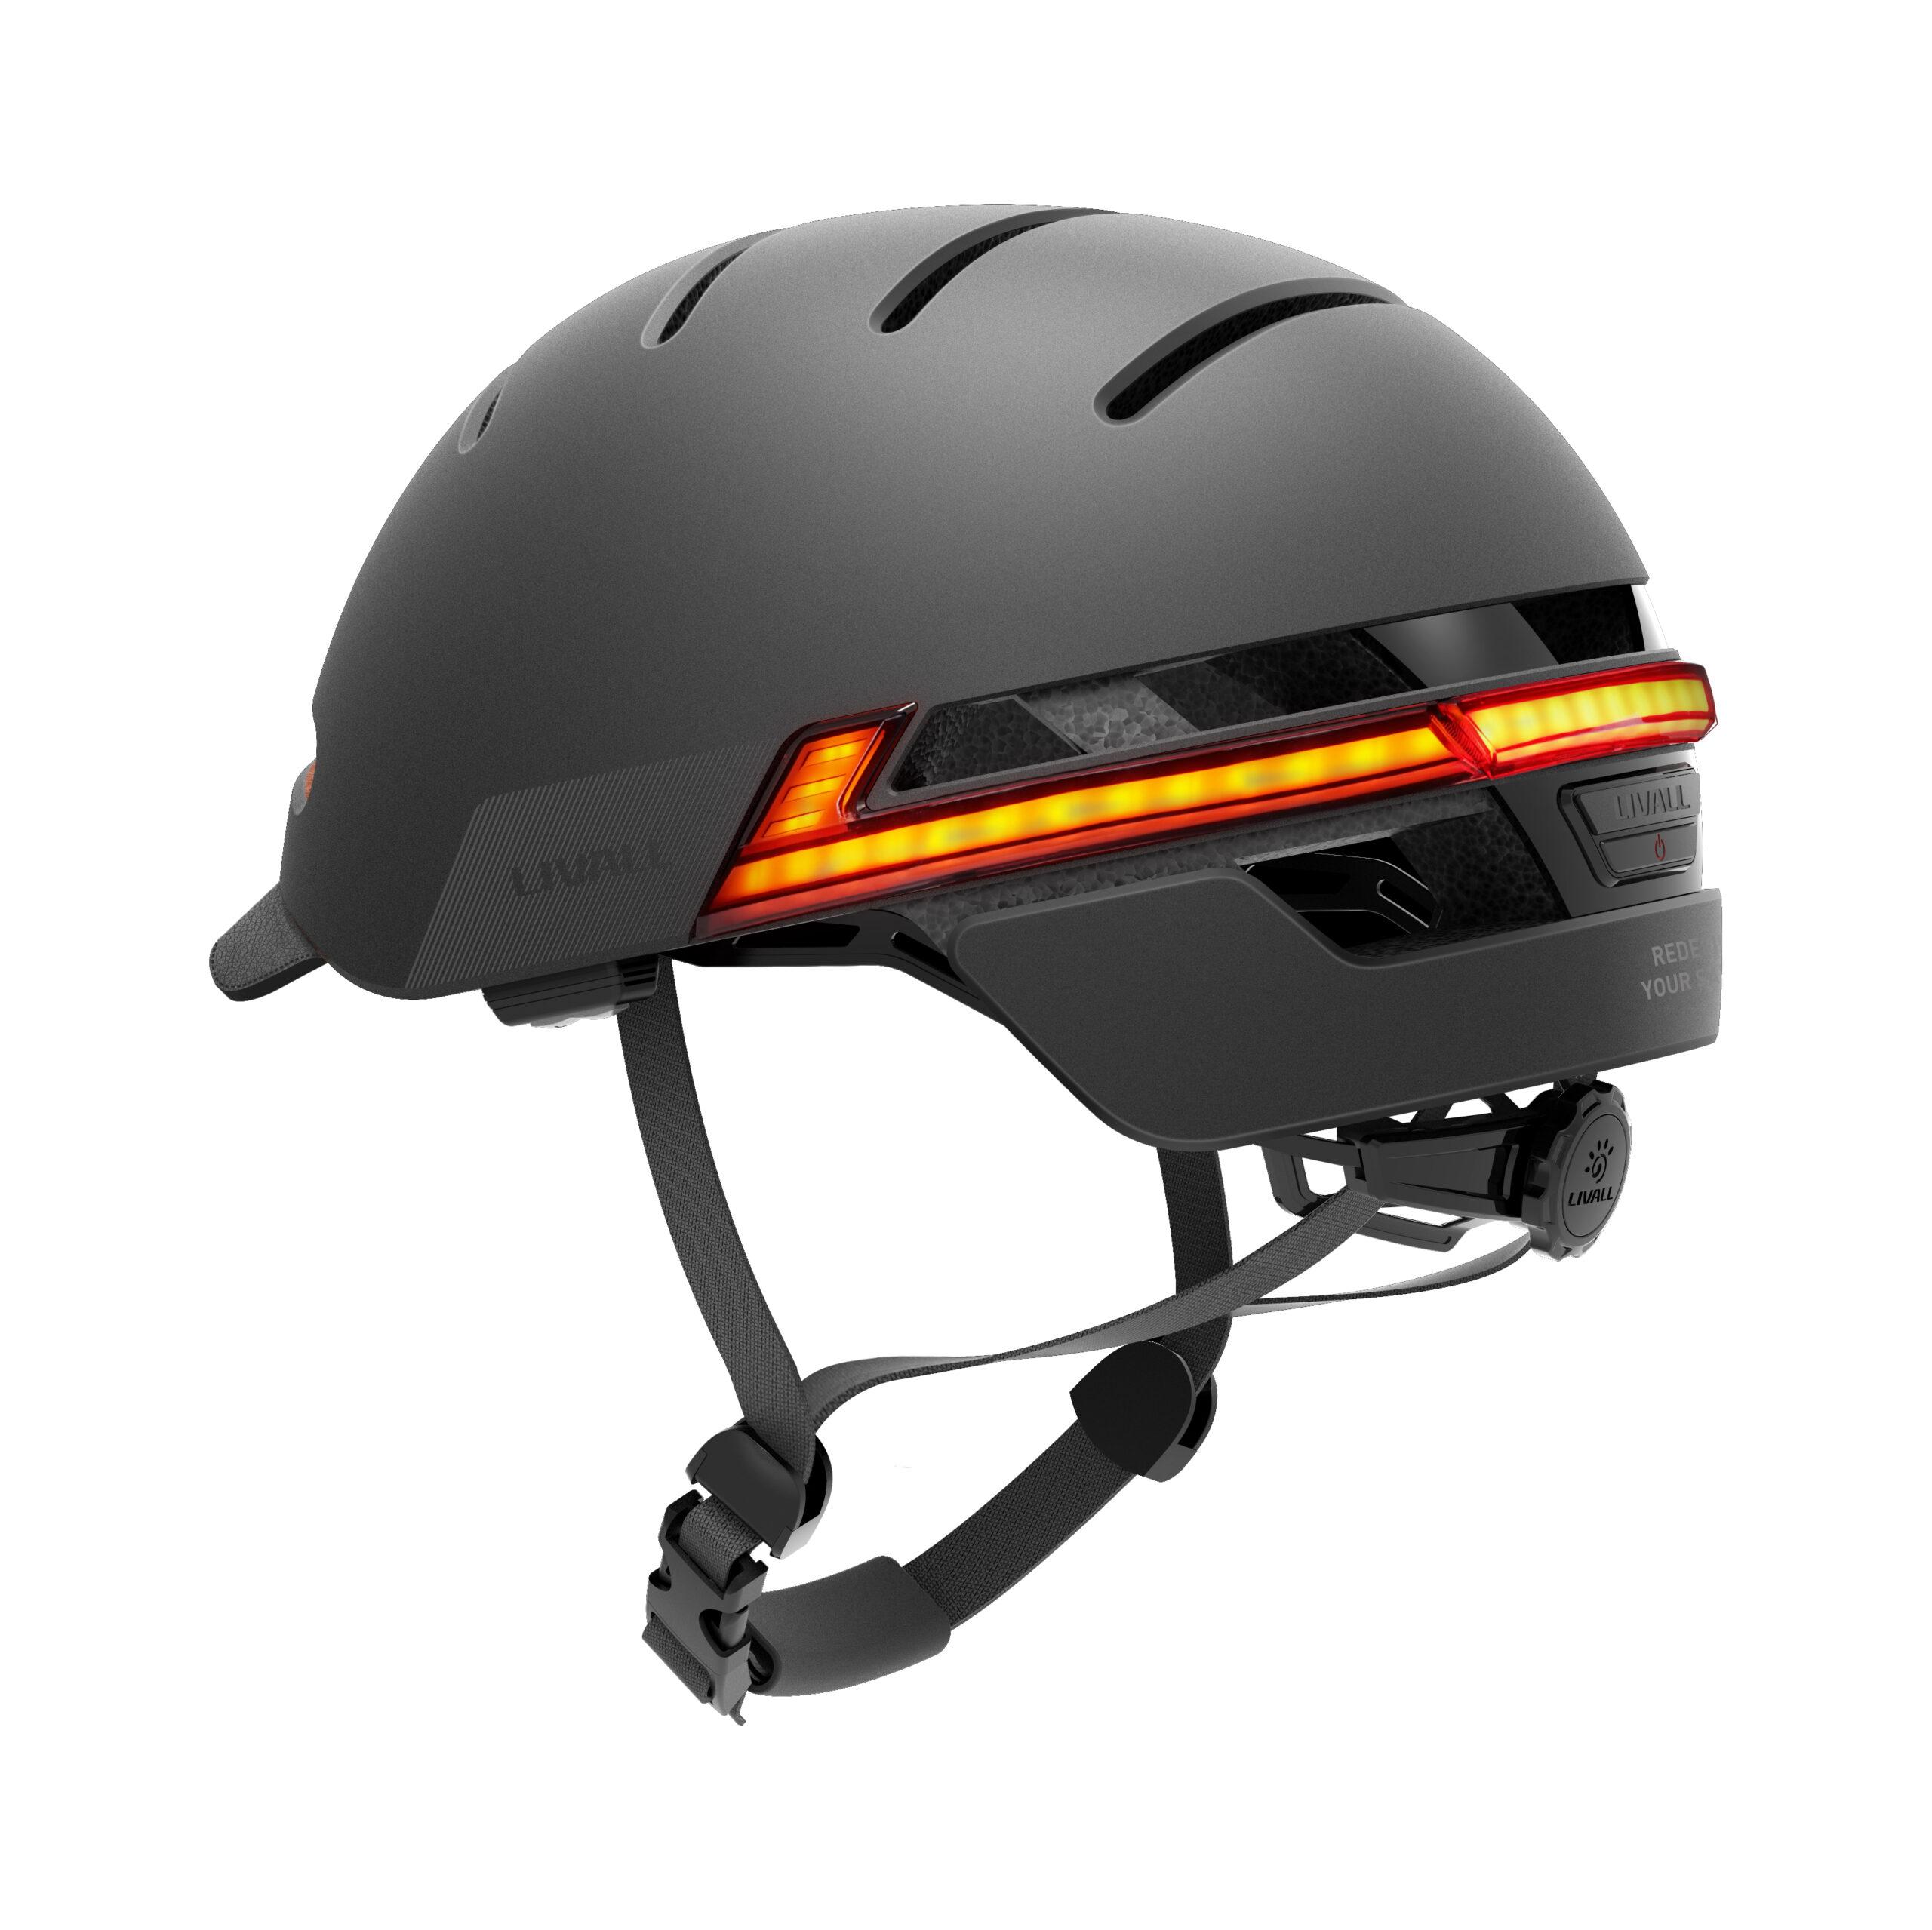 LIVALL BH51M Neo Bike Helmet